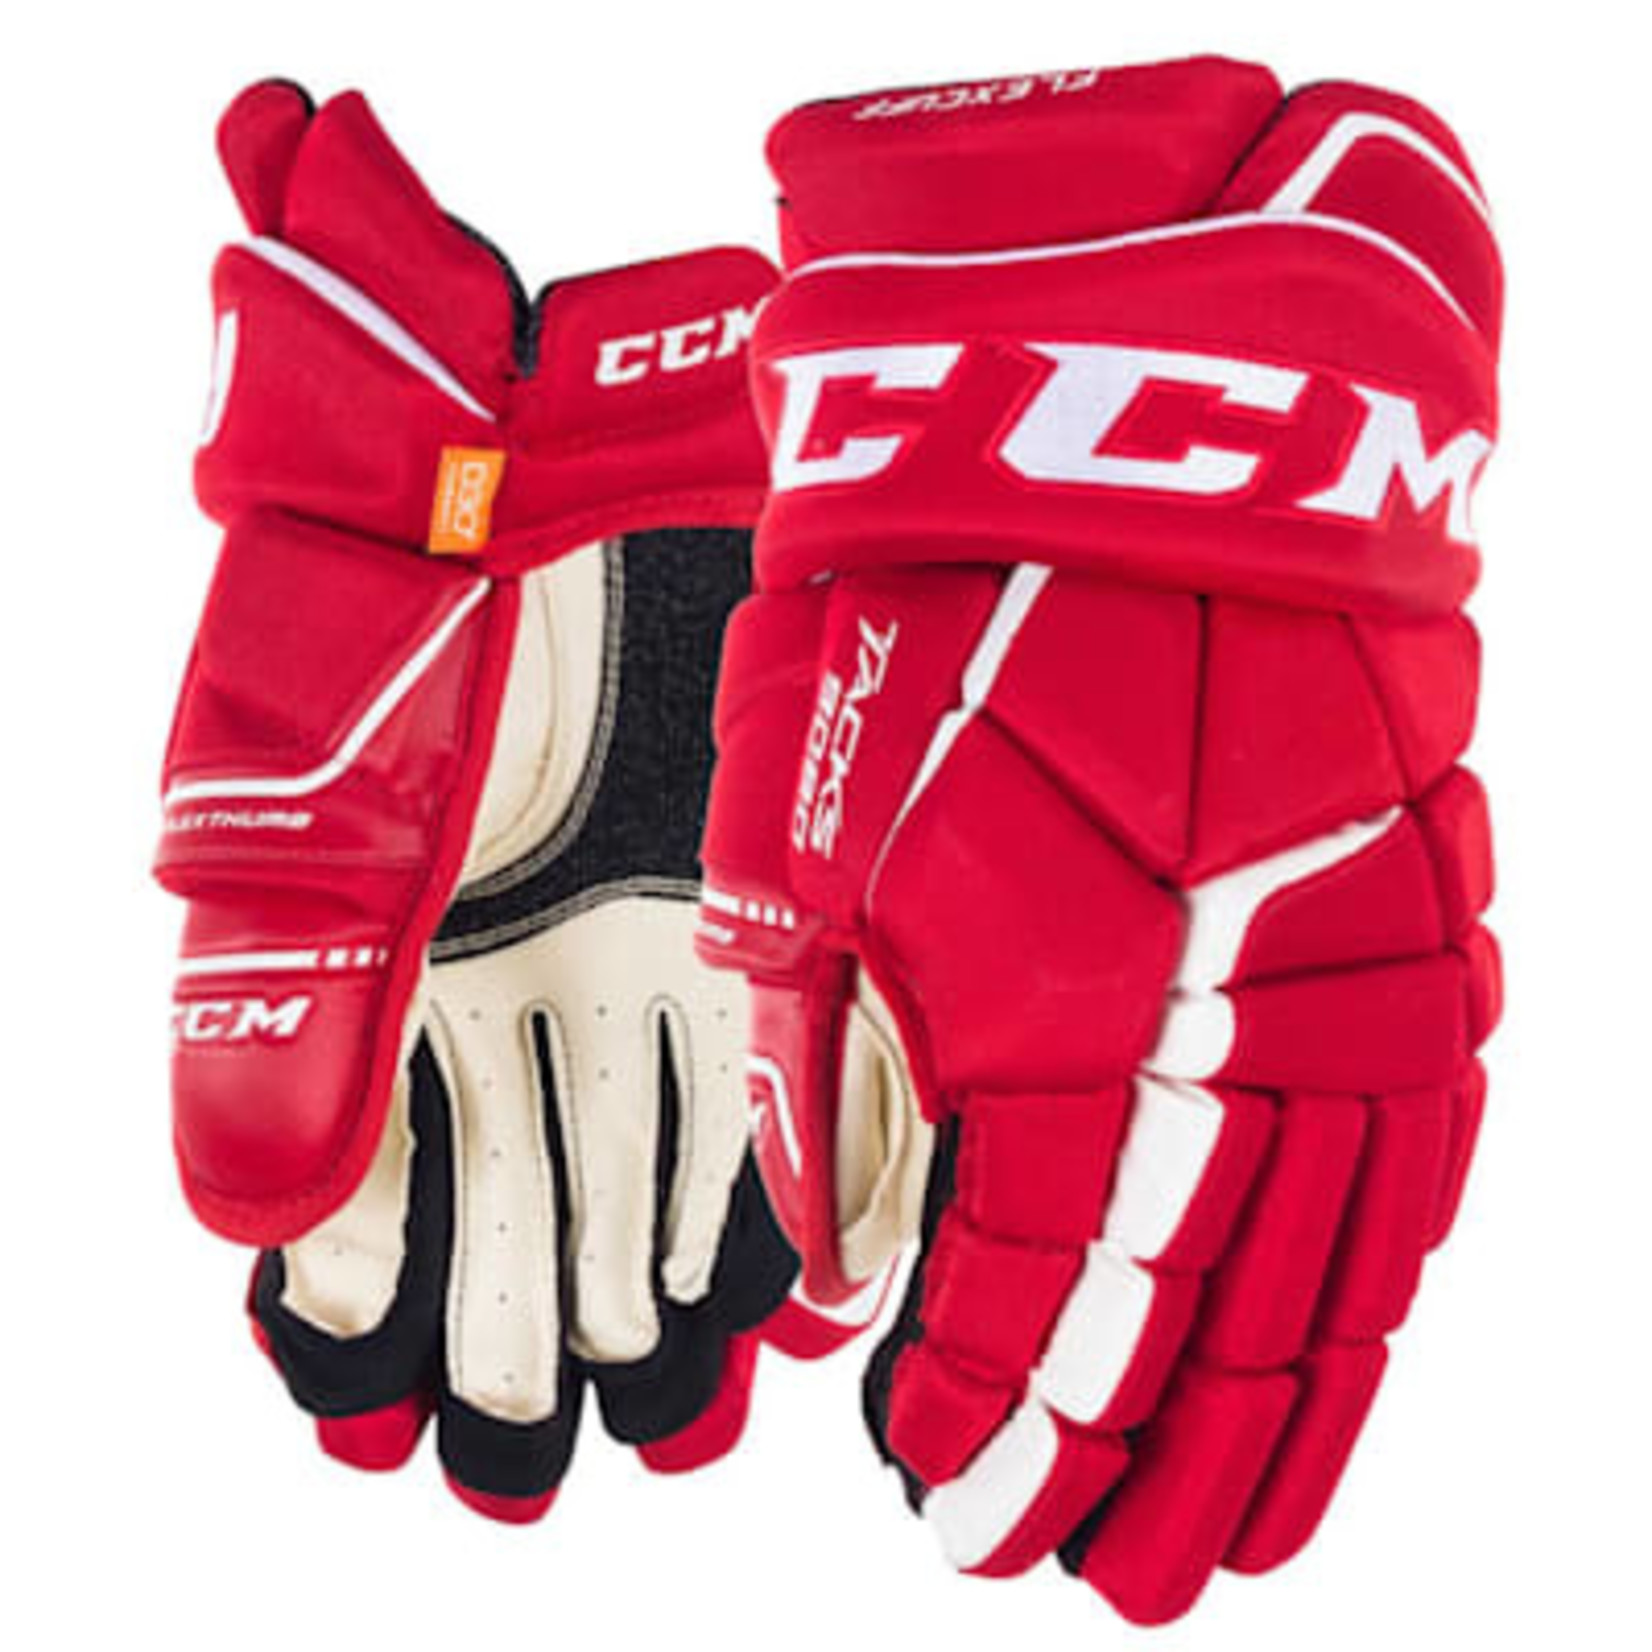 CCM CCM Hockey Gloves, Tacks 9080, Senior